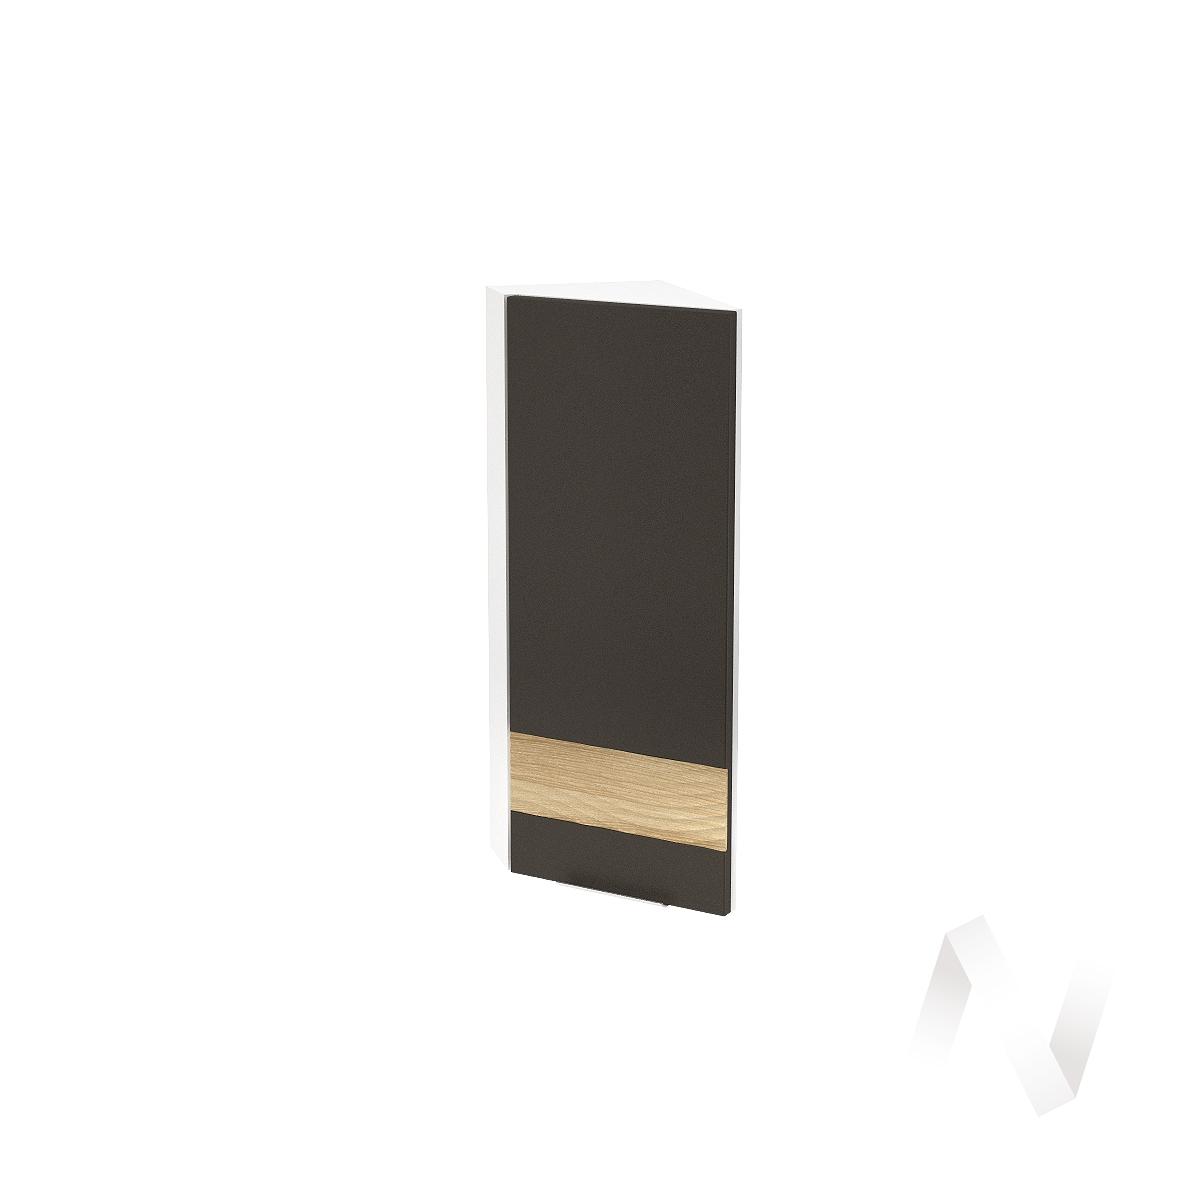 """Кухня """"Терра"""": Шкаф верхний торцевой правый 224, ШВТ 224 (смоки софт/ель карпатская/корпус белый)"""